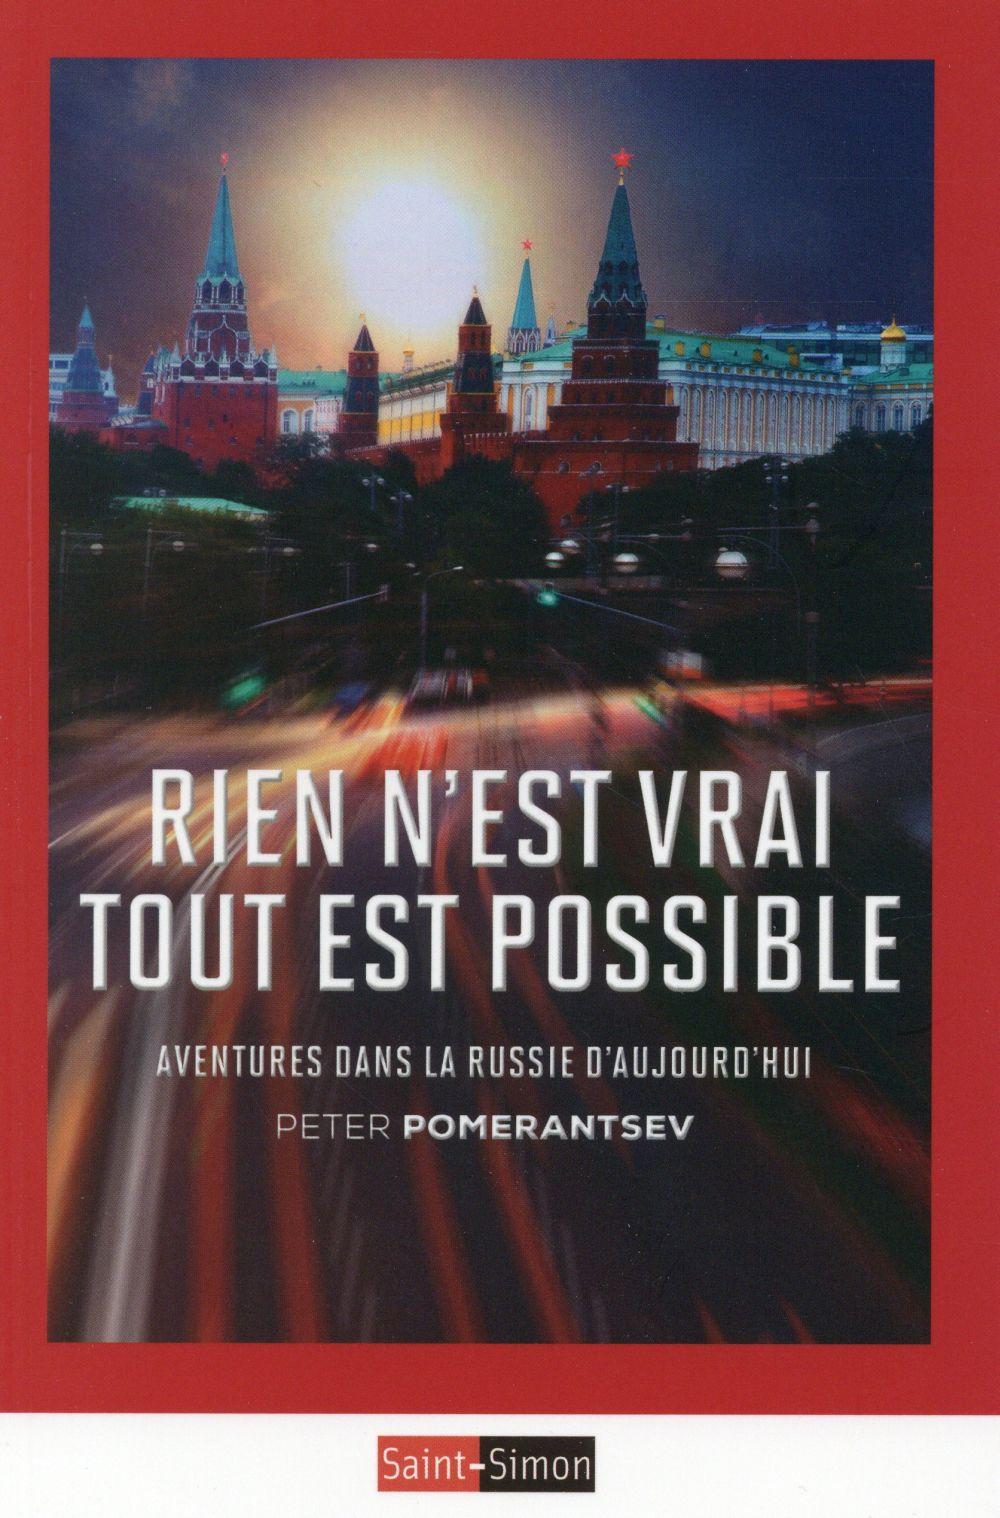 RIEN N'EST VRAI TOUT EST POSSIBLE - AVENTURES DANS LA RUSSIE D'AUJOURD'HUI